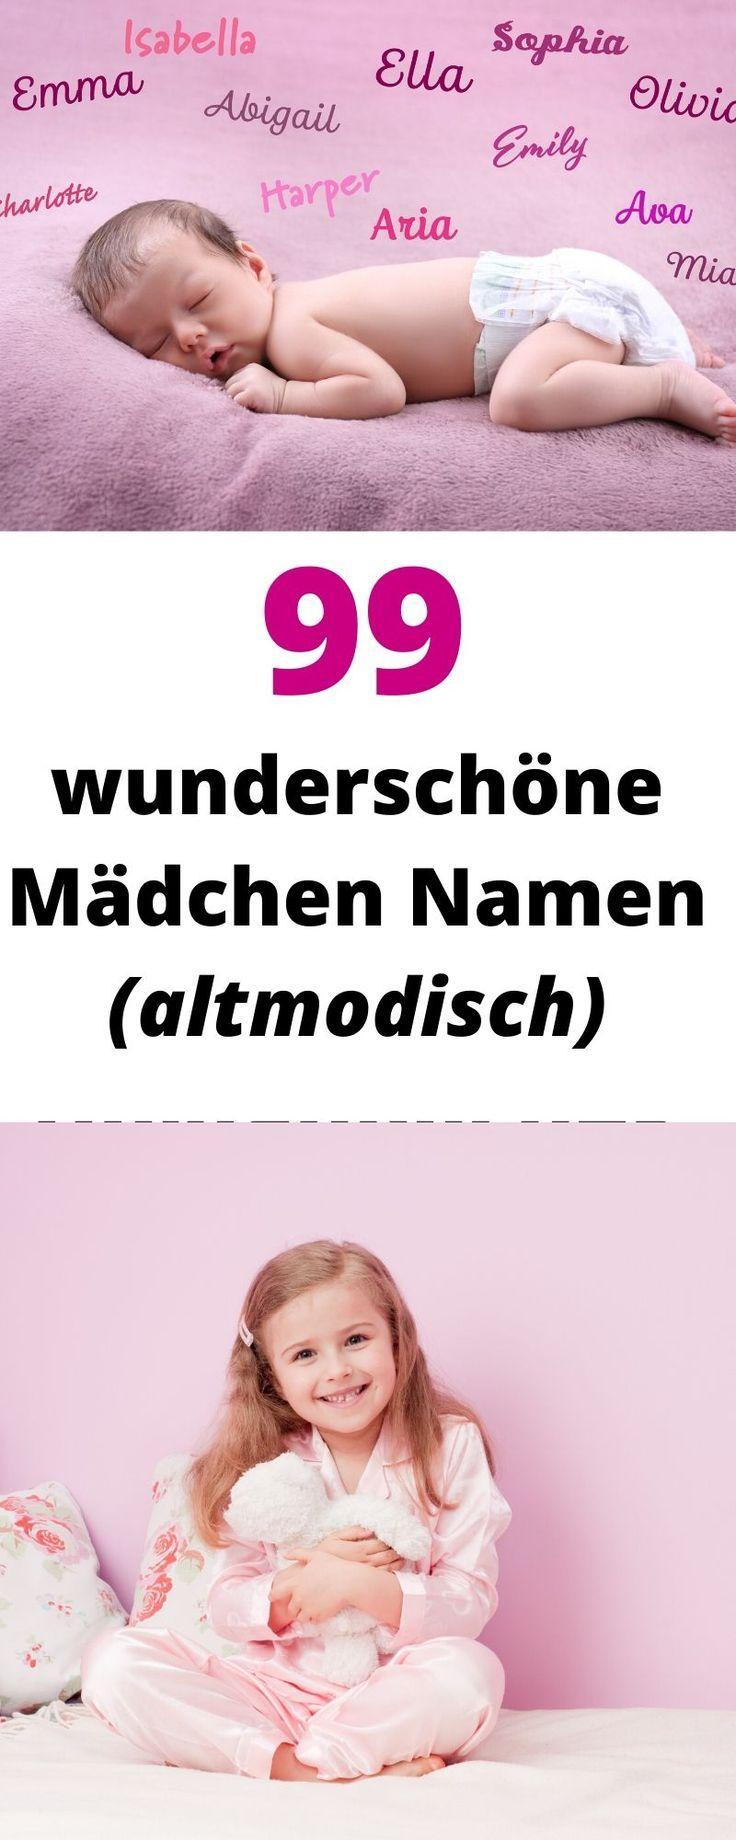 Altmodisch War Gestern 99 Altdeutsche Madchennamen In 2020 Madchen Vornamen Vornamen Baby Vornamen